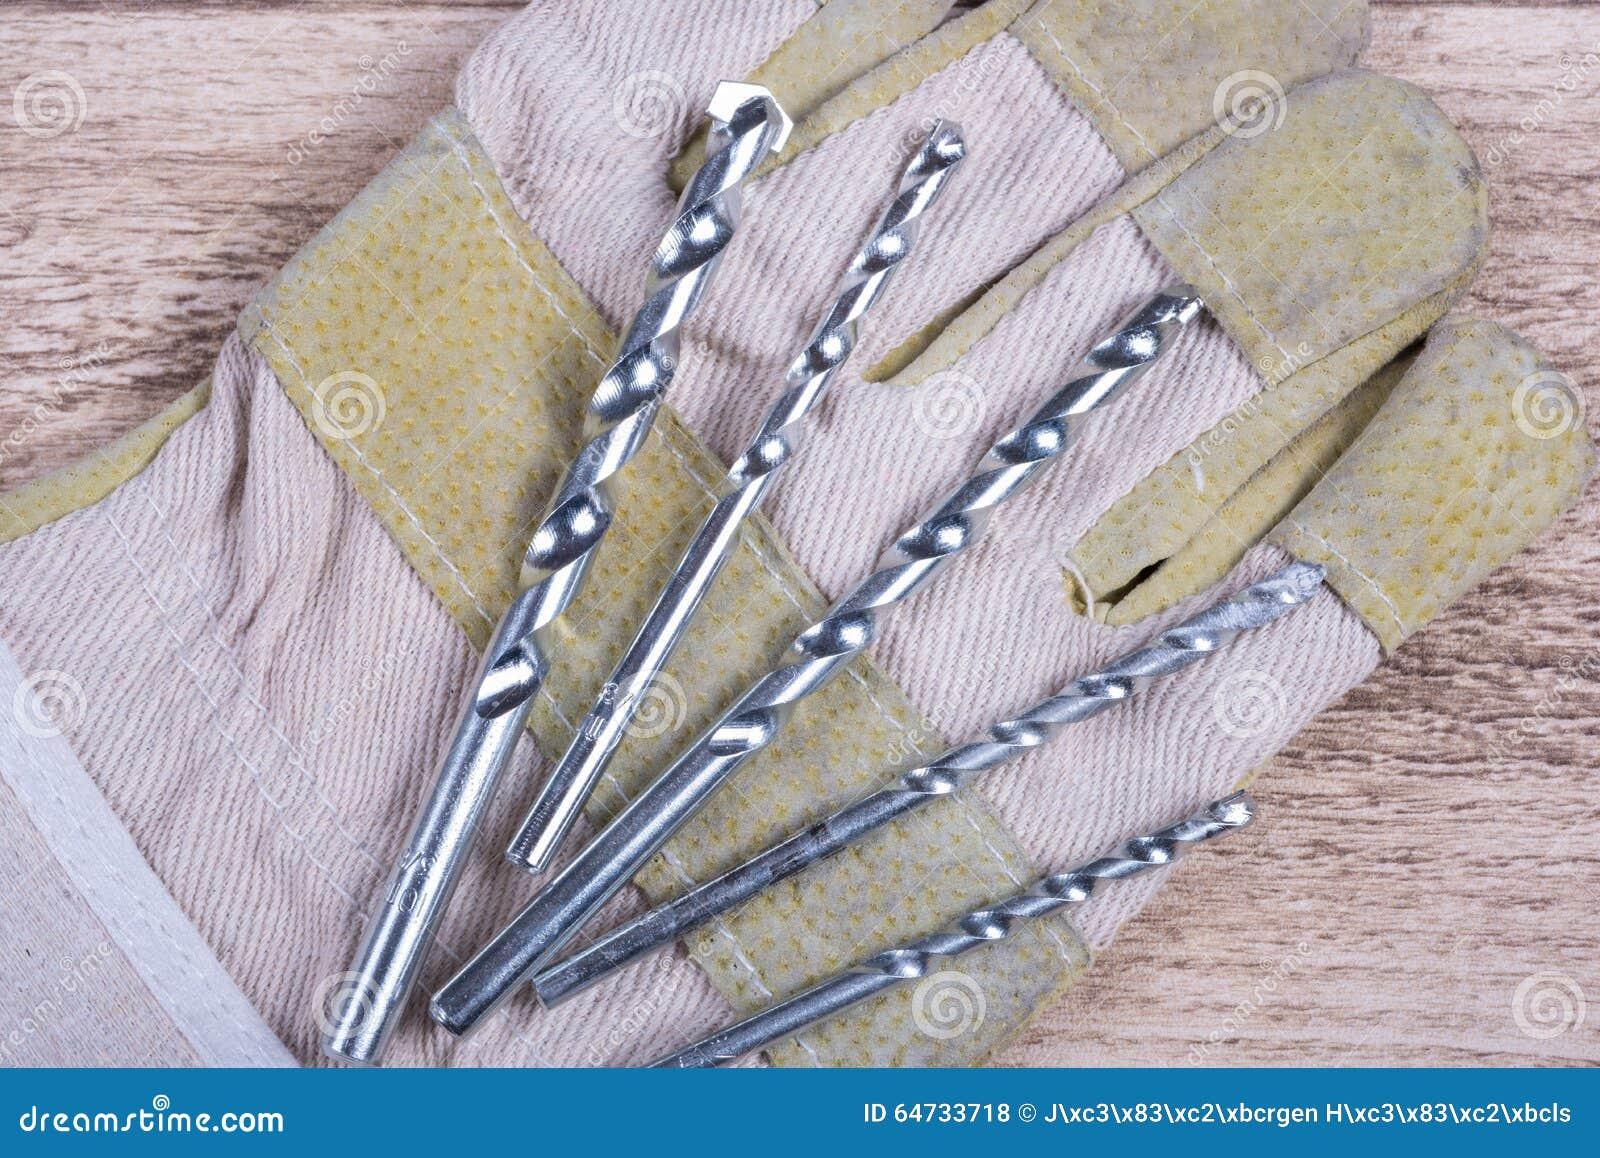 Insieme dei trapani di pietra su un guanto di lavoro che si trova su una tavola di legno